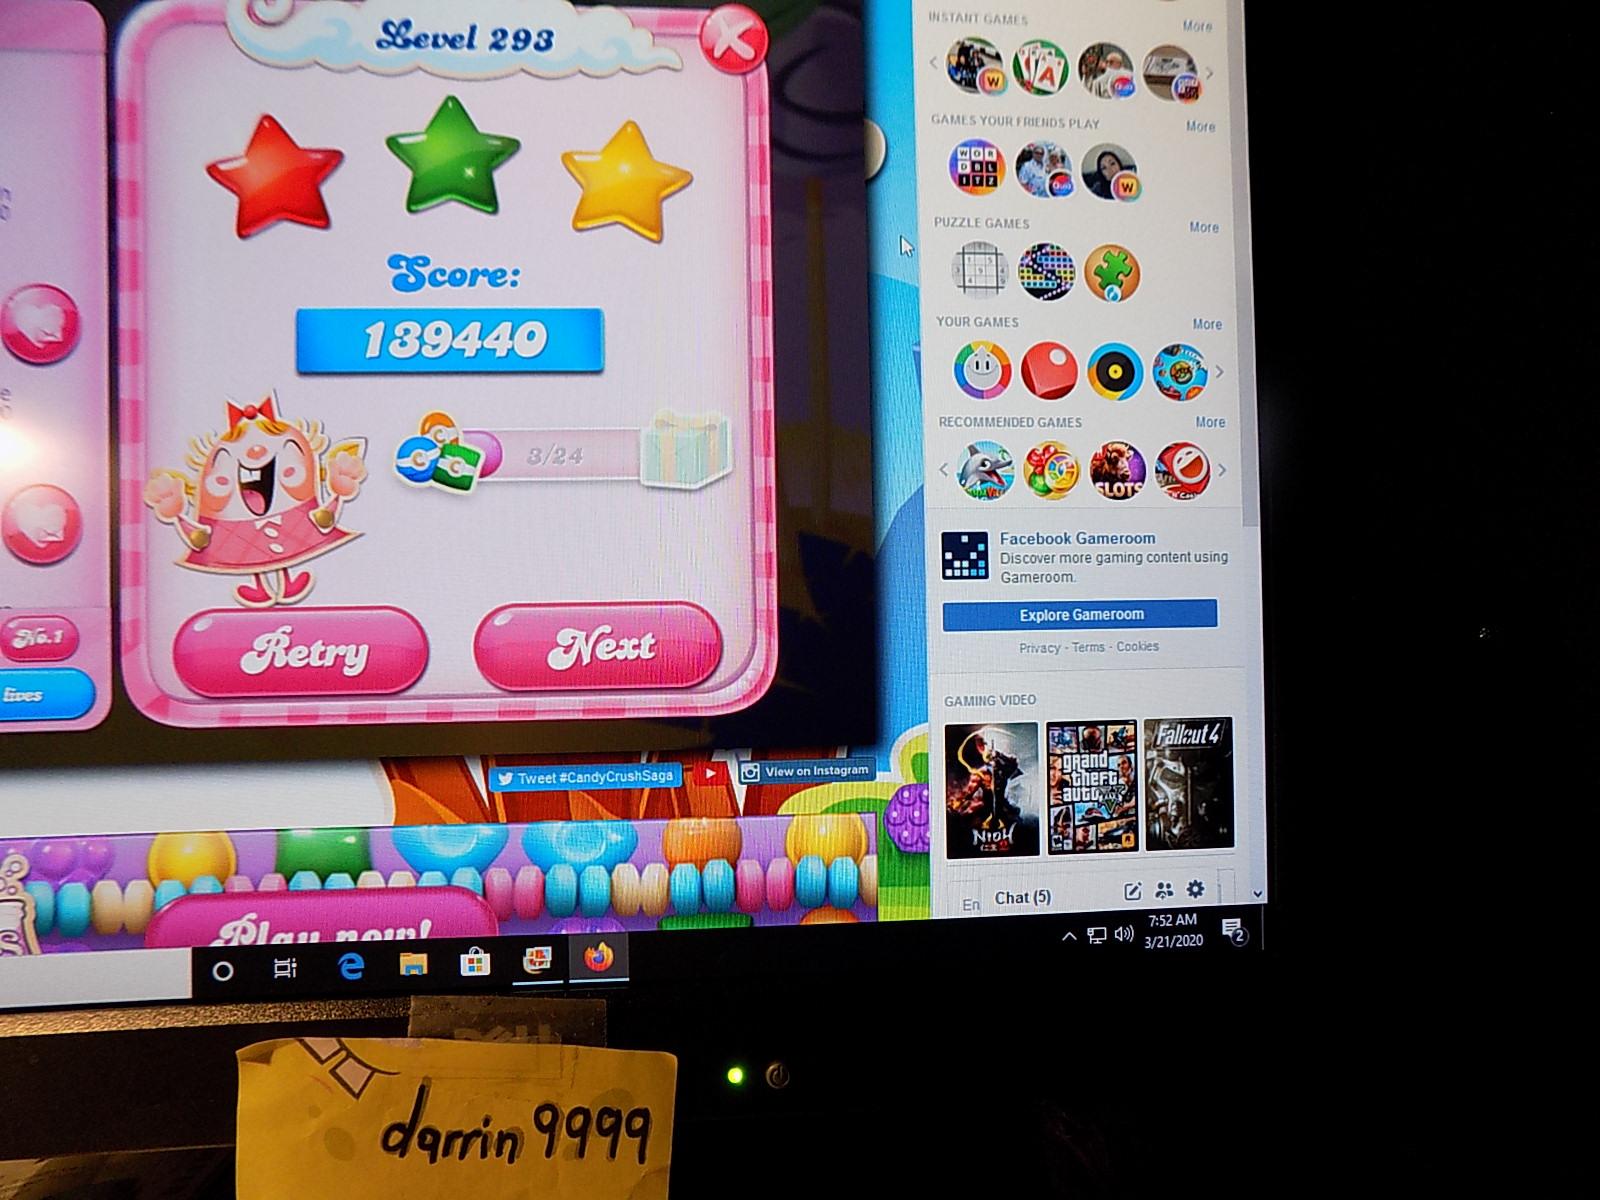 darrin9999: Candy Crush Saga: Level 293 (Web) 139,440 points on 2020-05-10 07:02:05